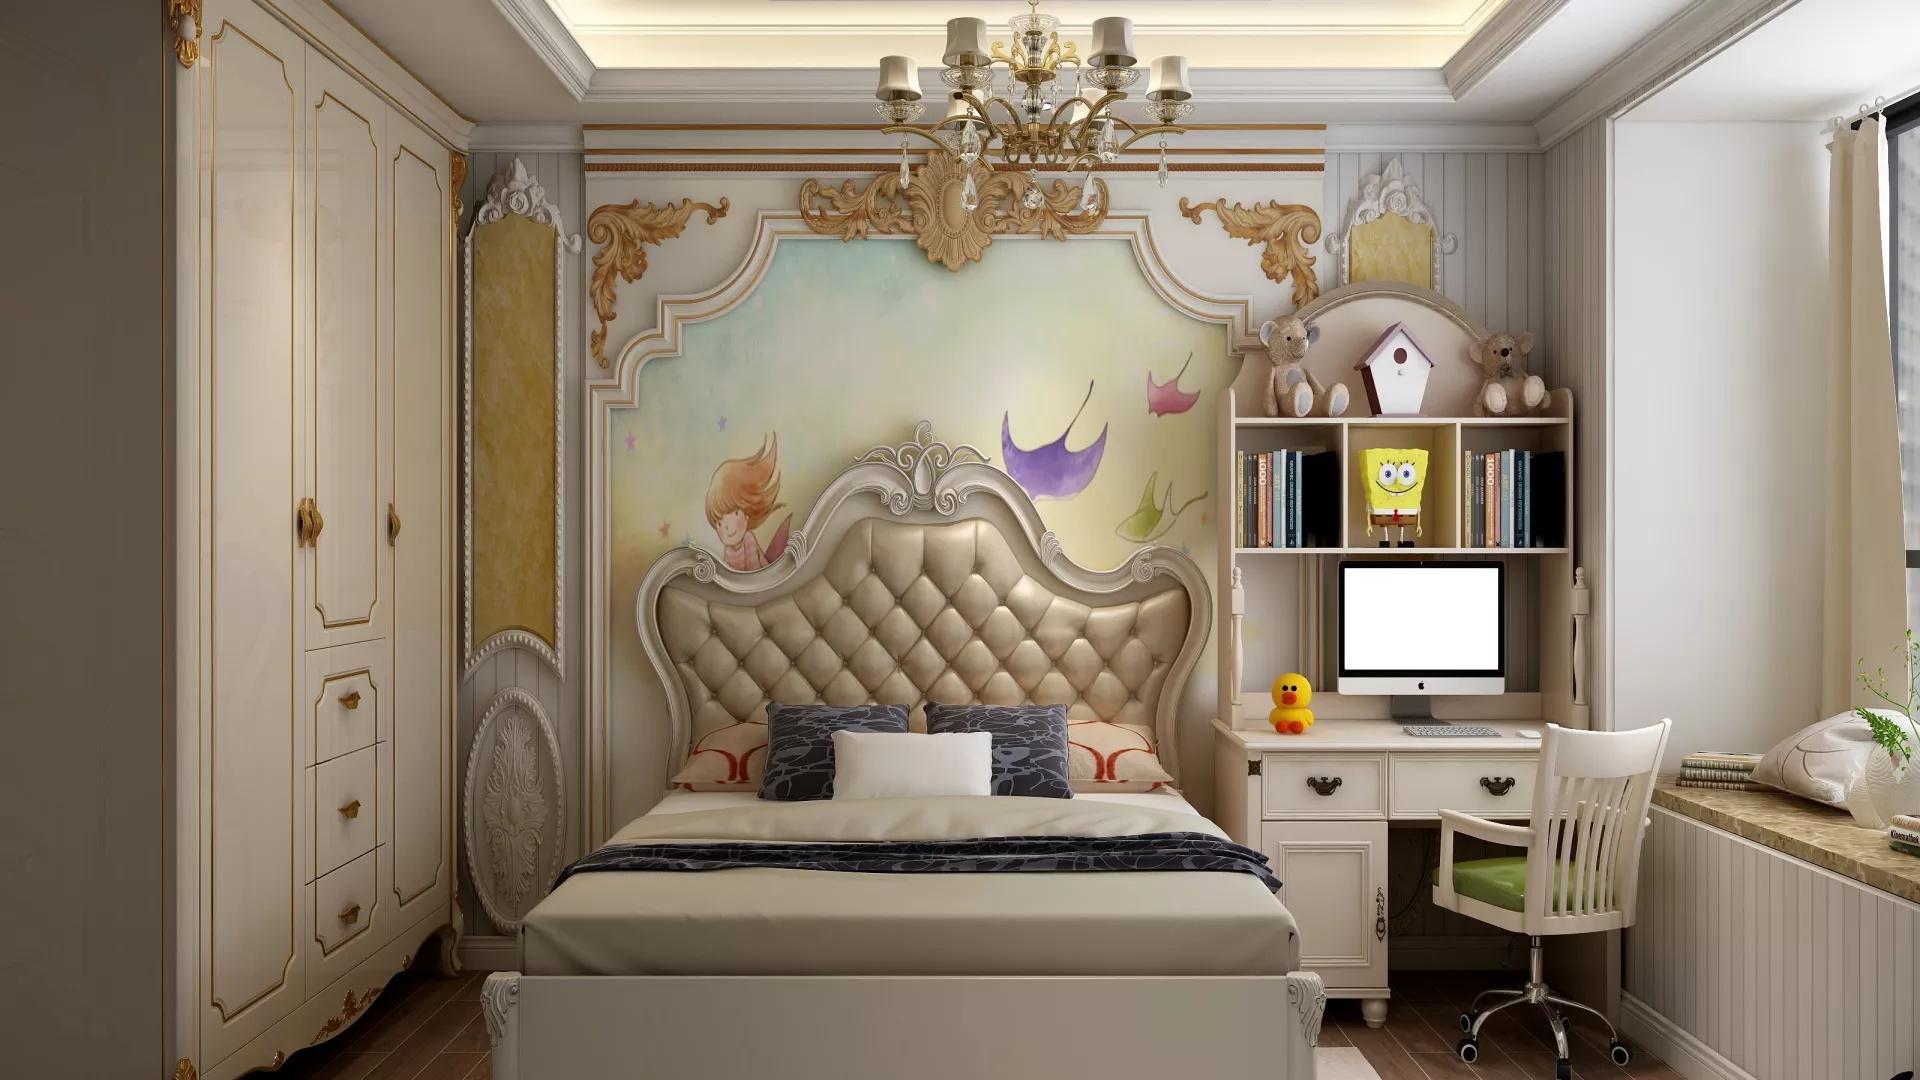 室內照明設計遵循的原則 室內照明如何設計